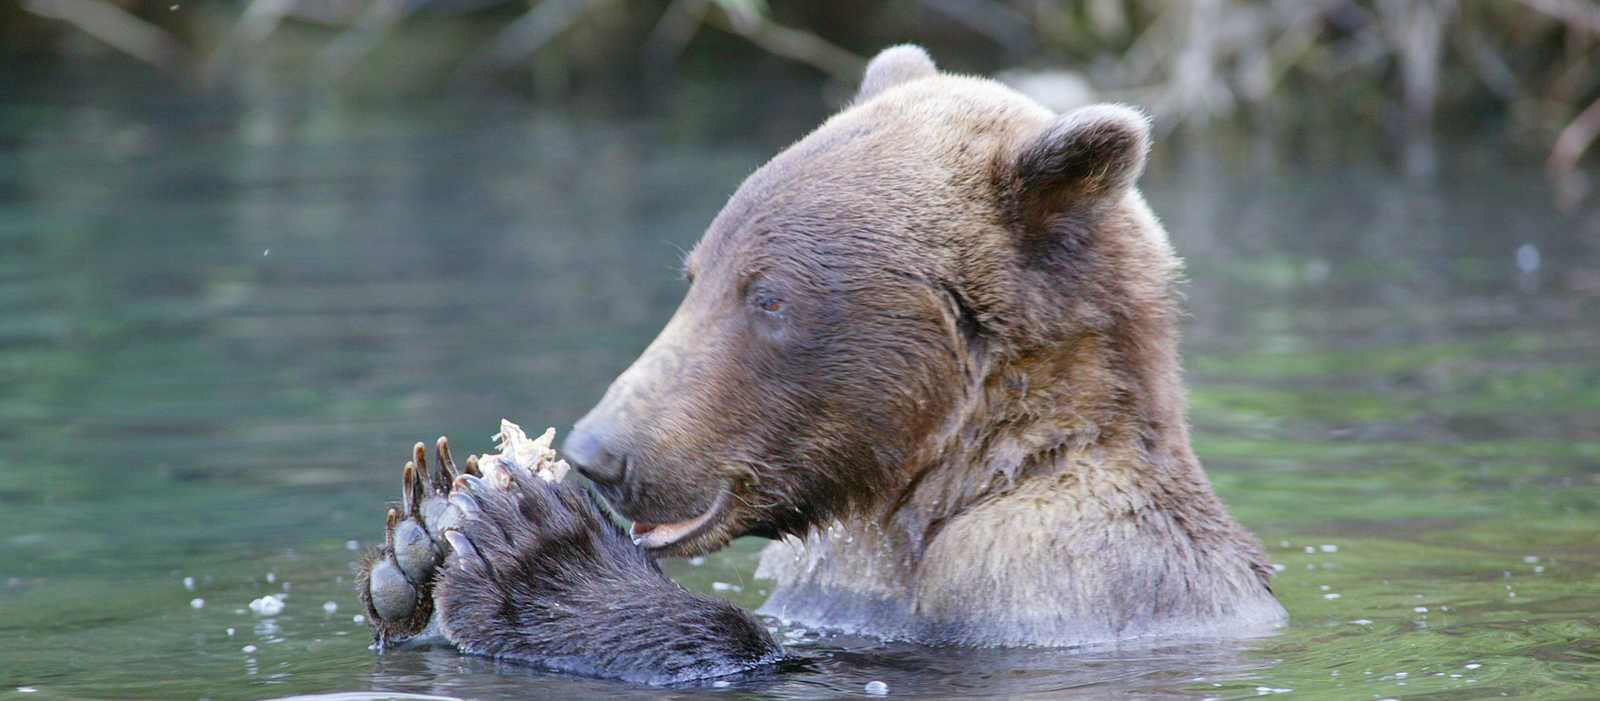 Braunbär schwimmt in den Gewässern Alaskas